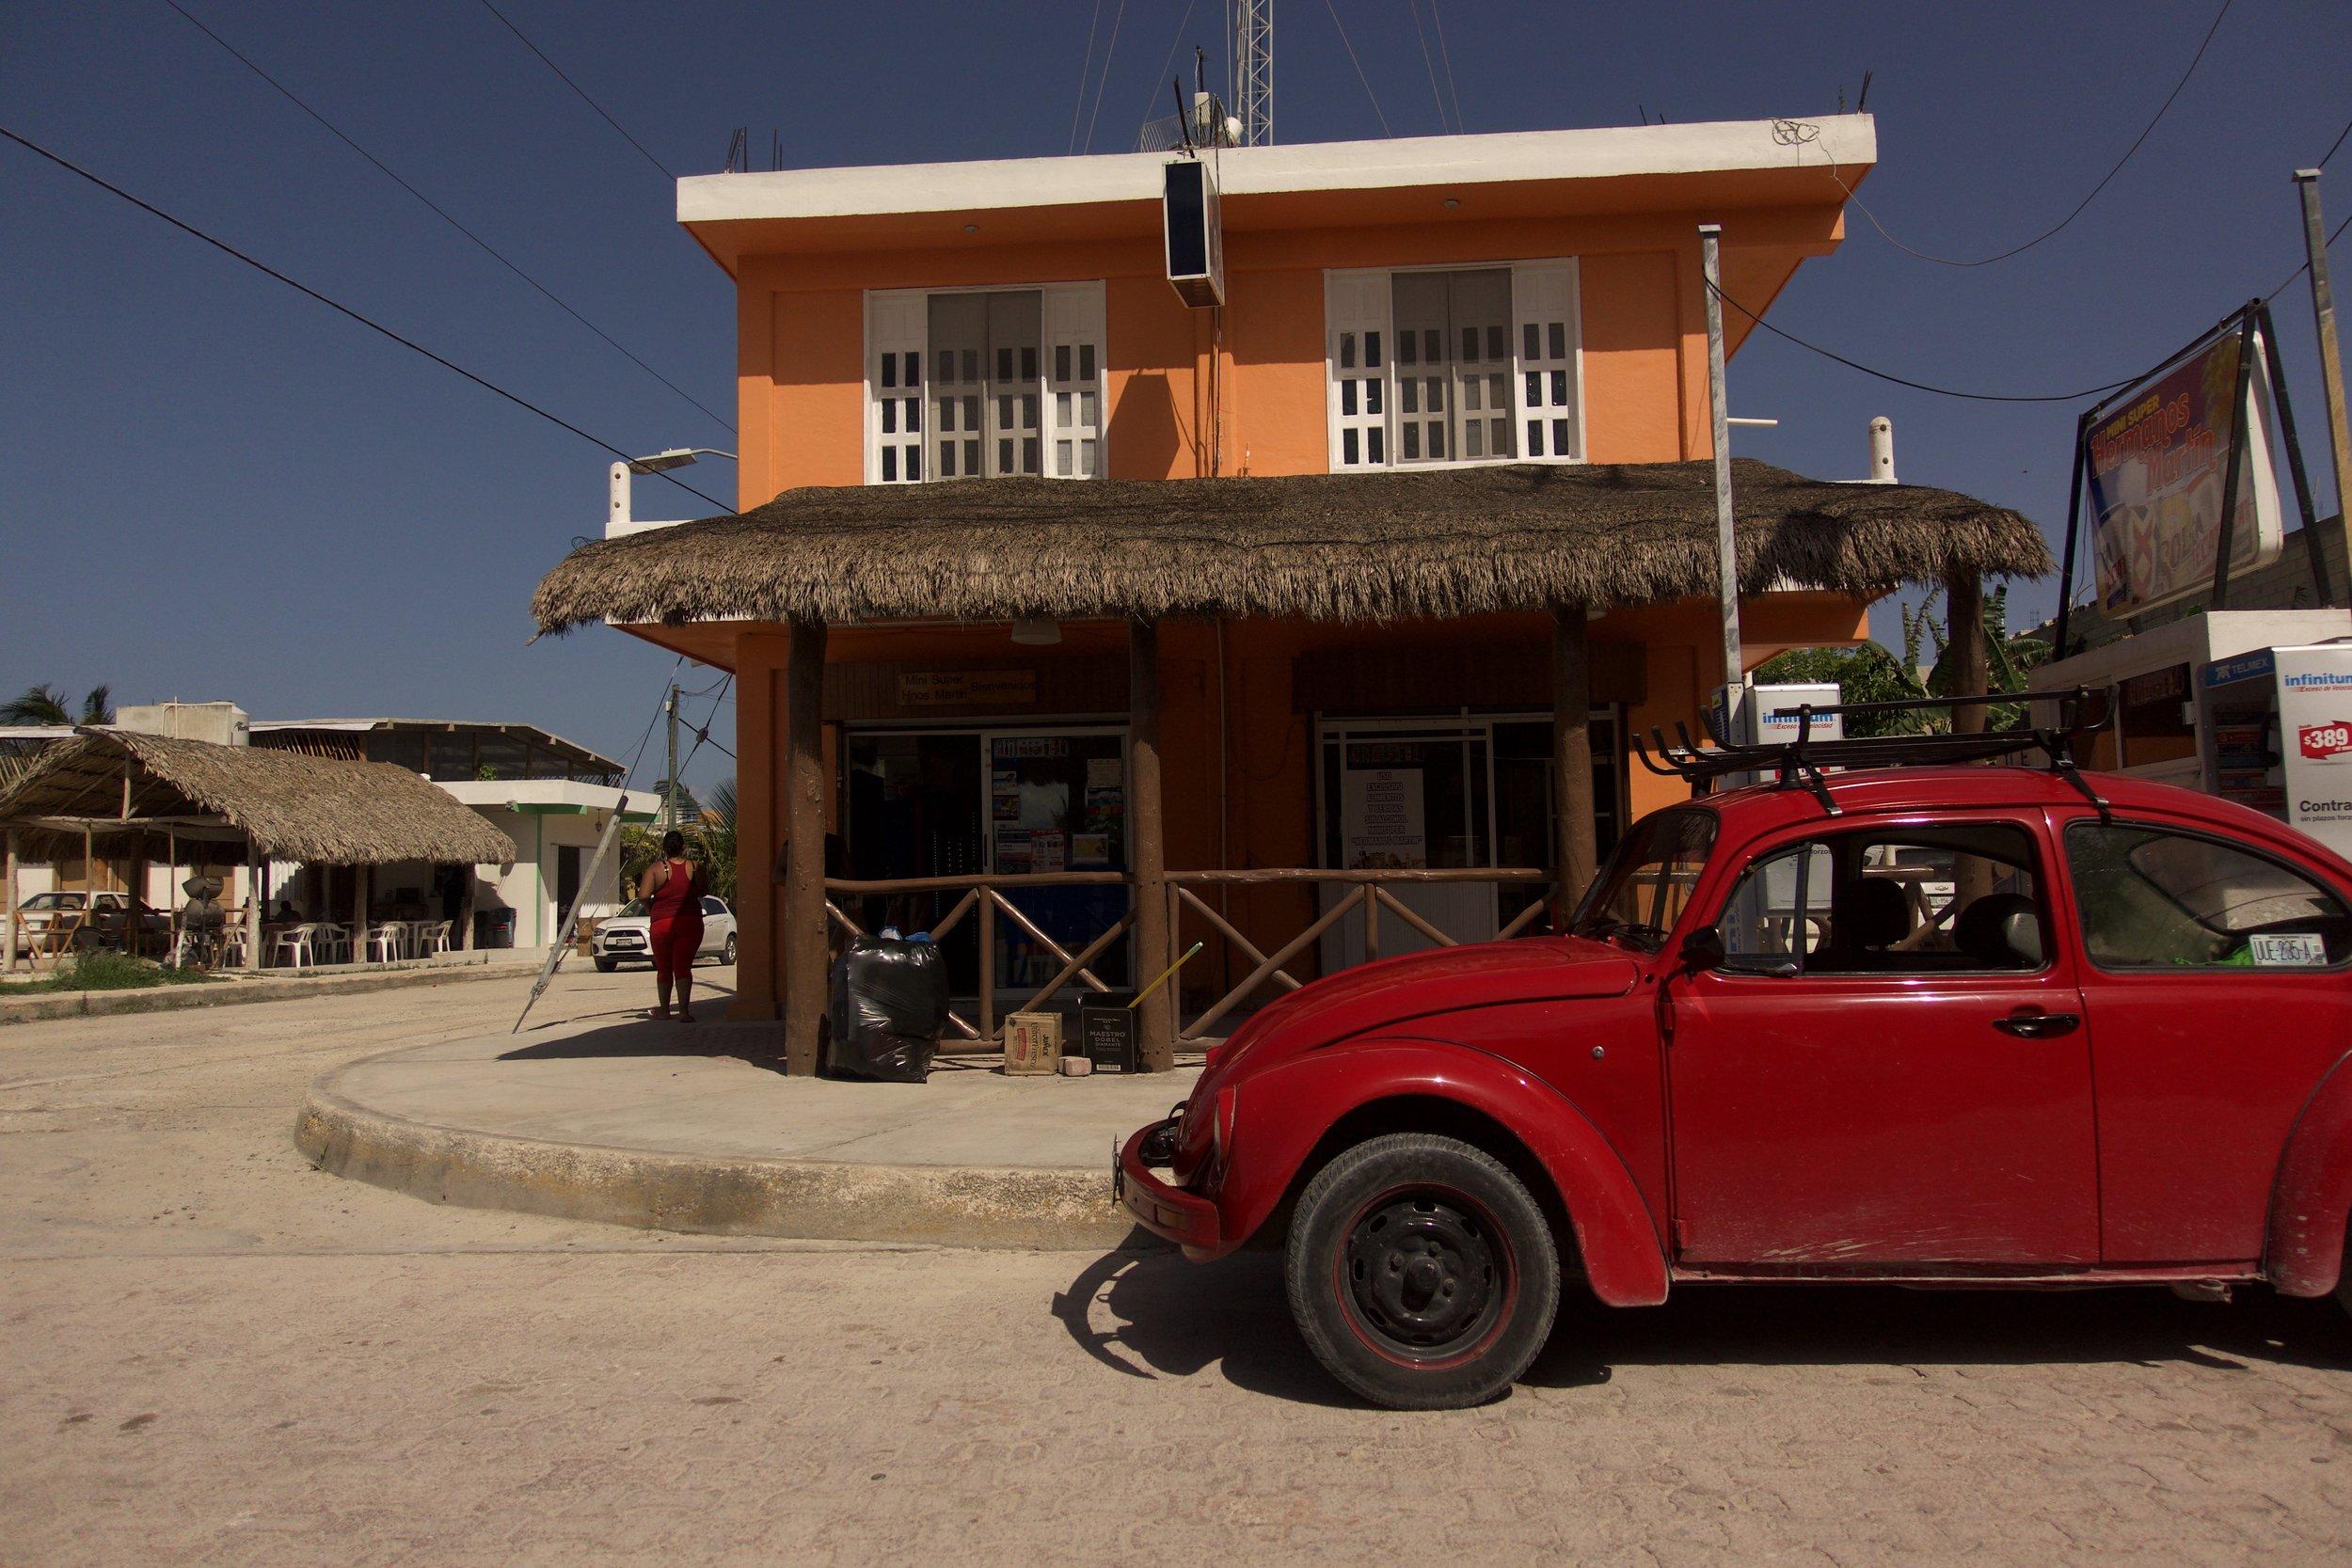 mexico house n car .jpg